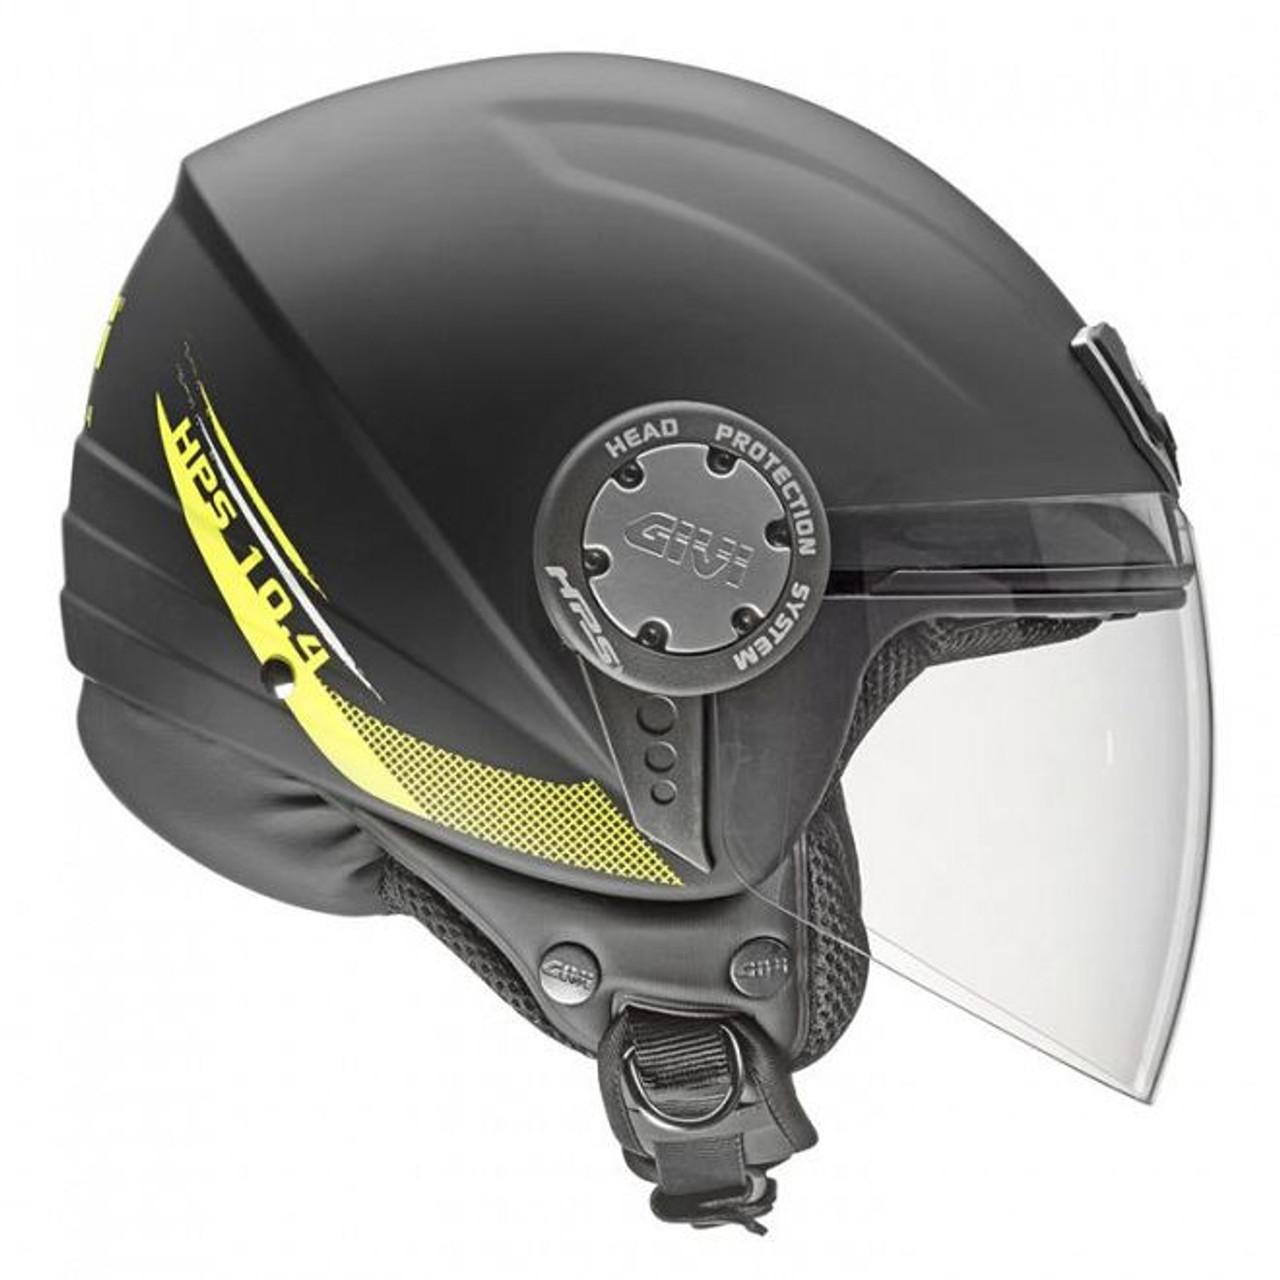 H104 Scooter Open Face Helmet - Matt Black , XS only 54cm